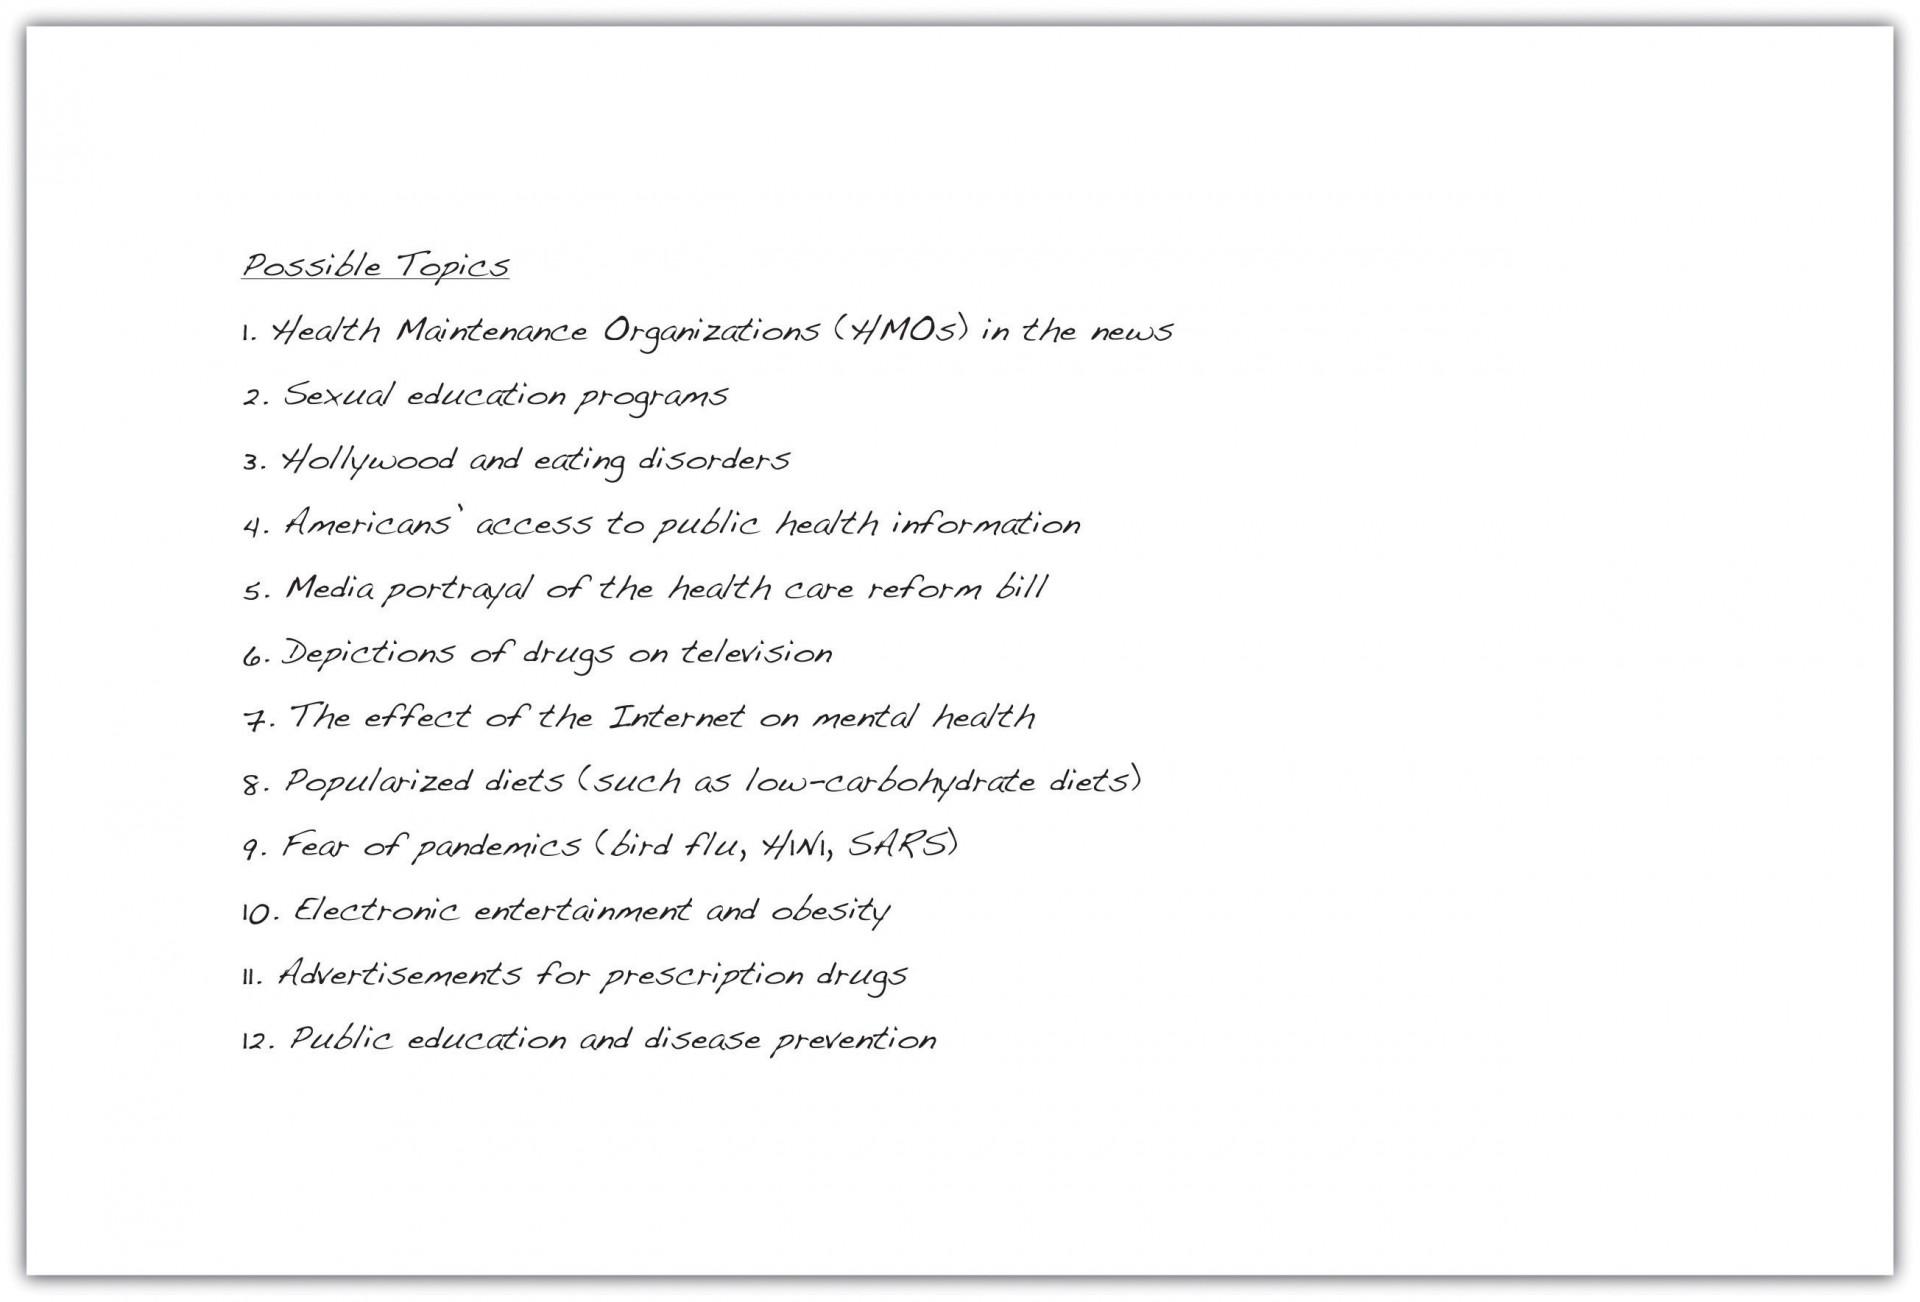 019 Christian Persuasive Essay Topics Imposing Argumentative 1920